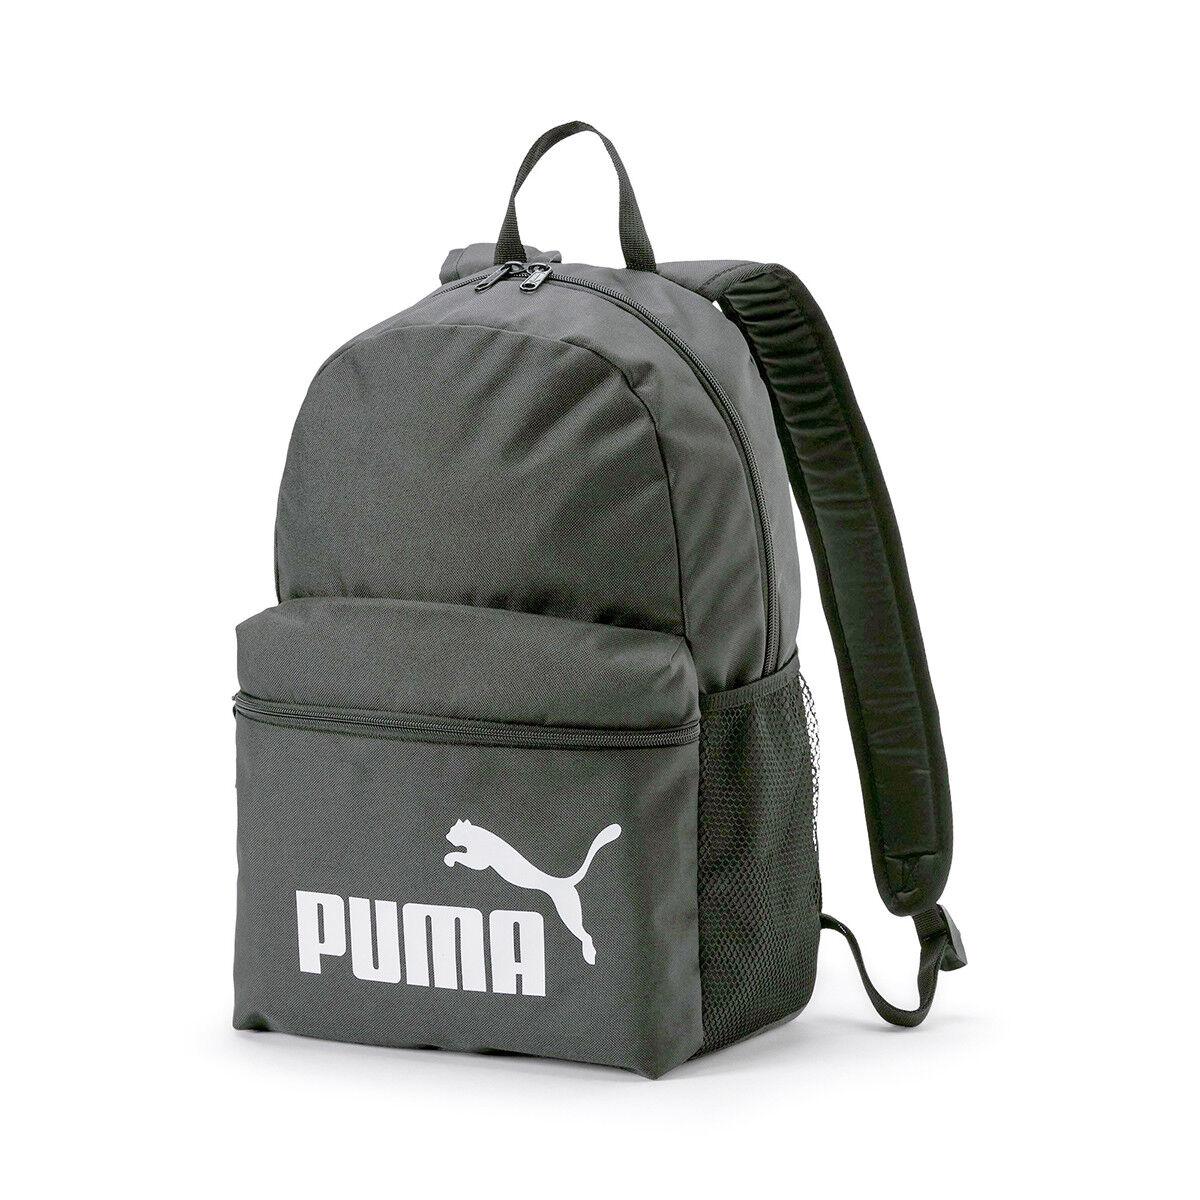 PUMA Phase Backpack Rucksack Sport Freizeit Reise Schule 75487 22